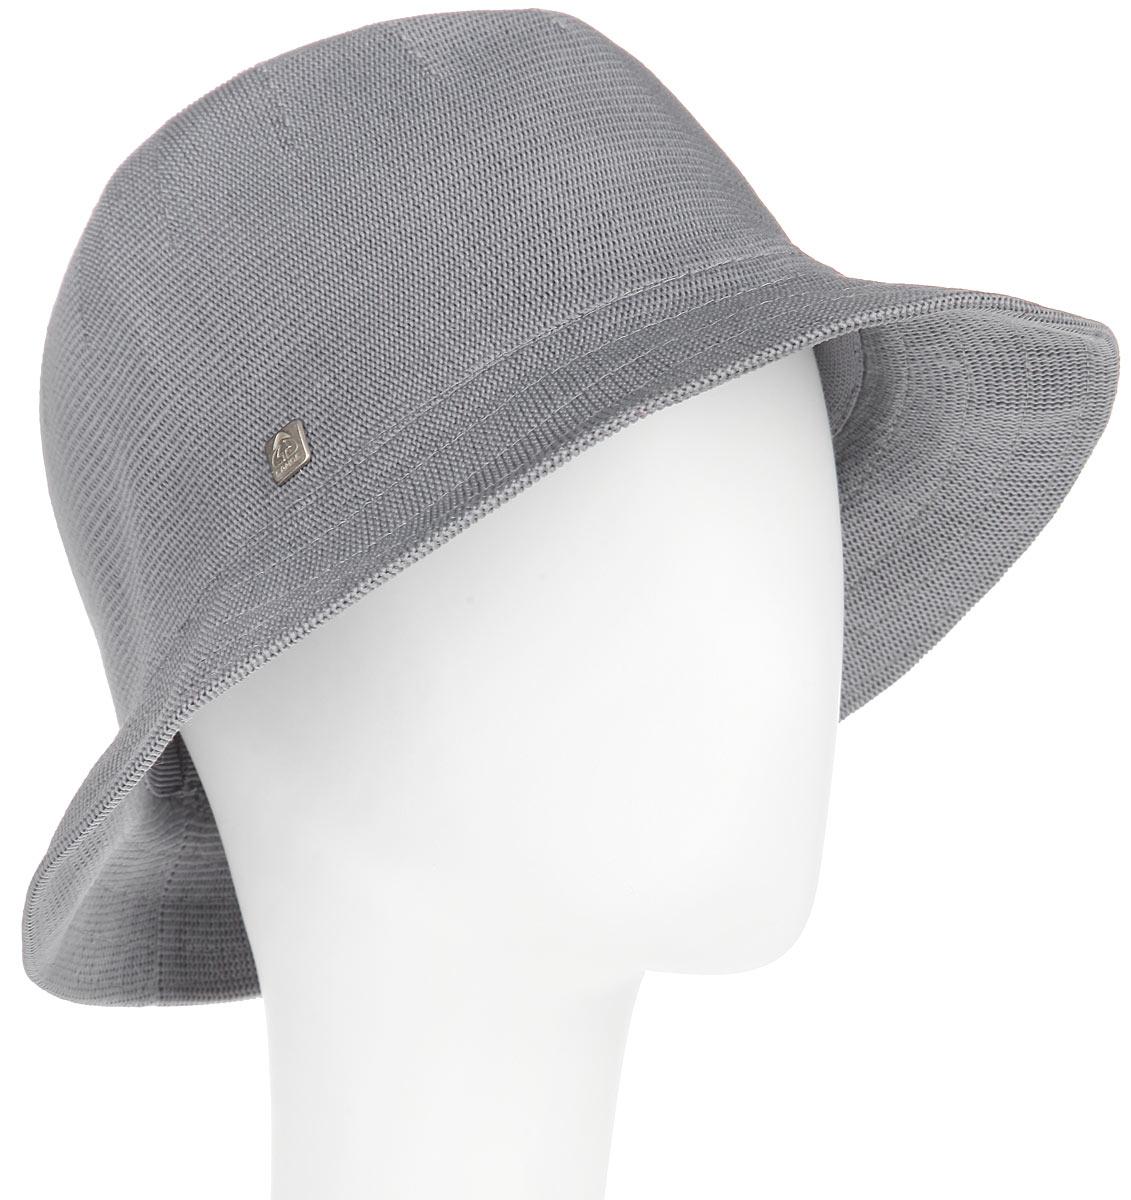 1967287Модная шляпа Canoe Puerto-Rico, выполненная из полиэстера и акрила, украсит любой наряд. Шляпа оформлена небольшим металлическим логотипом фирмы. Благодаря своей форме, шляпа удобно садится по голове и подойдет к любому стилю. Она легко восстанавливает свою форму после сжатия. Такая шляпка подчеркнет вашу неповторимость и дополнит ваш повседневный образ.